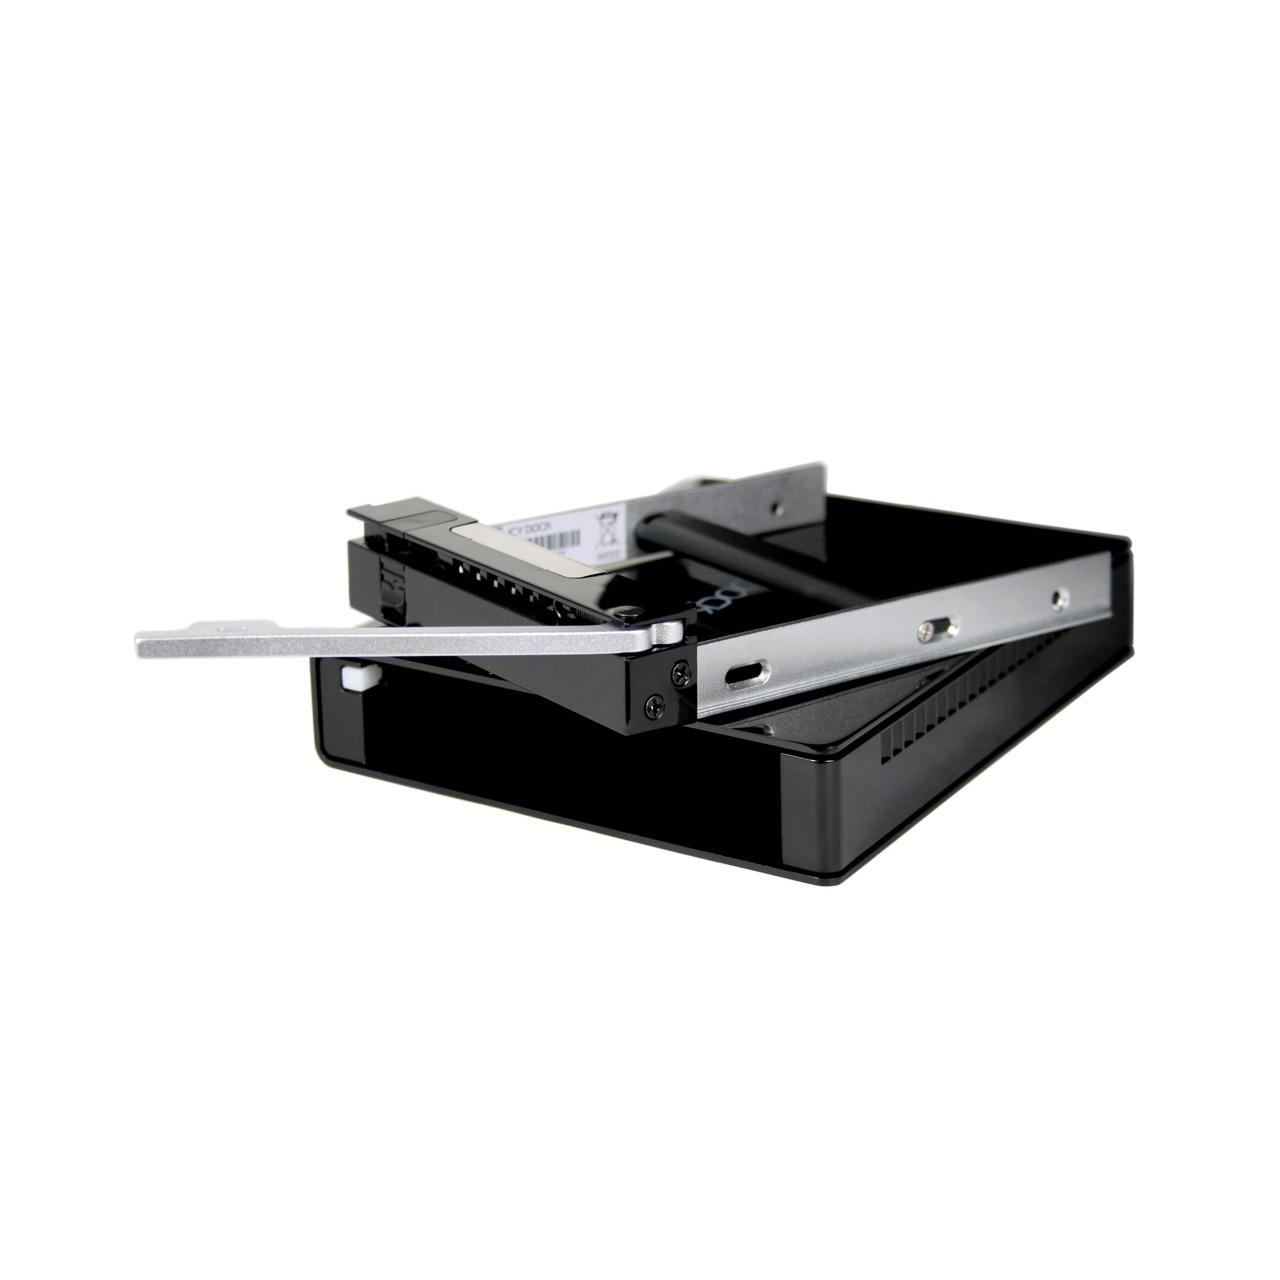 """Boîtier disque dur ICY DOCK MB559UEA-1SMB ICY DOCK MB559UEA-1SMB - Boîtier externe pour disque dur 3""""1/2 Serial ATA sur ports USB 2.0 / FireWire 400 (noir)"""